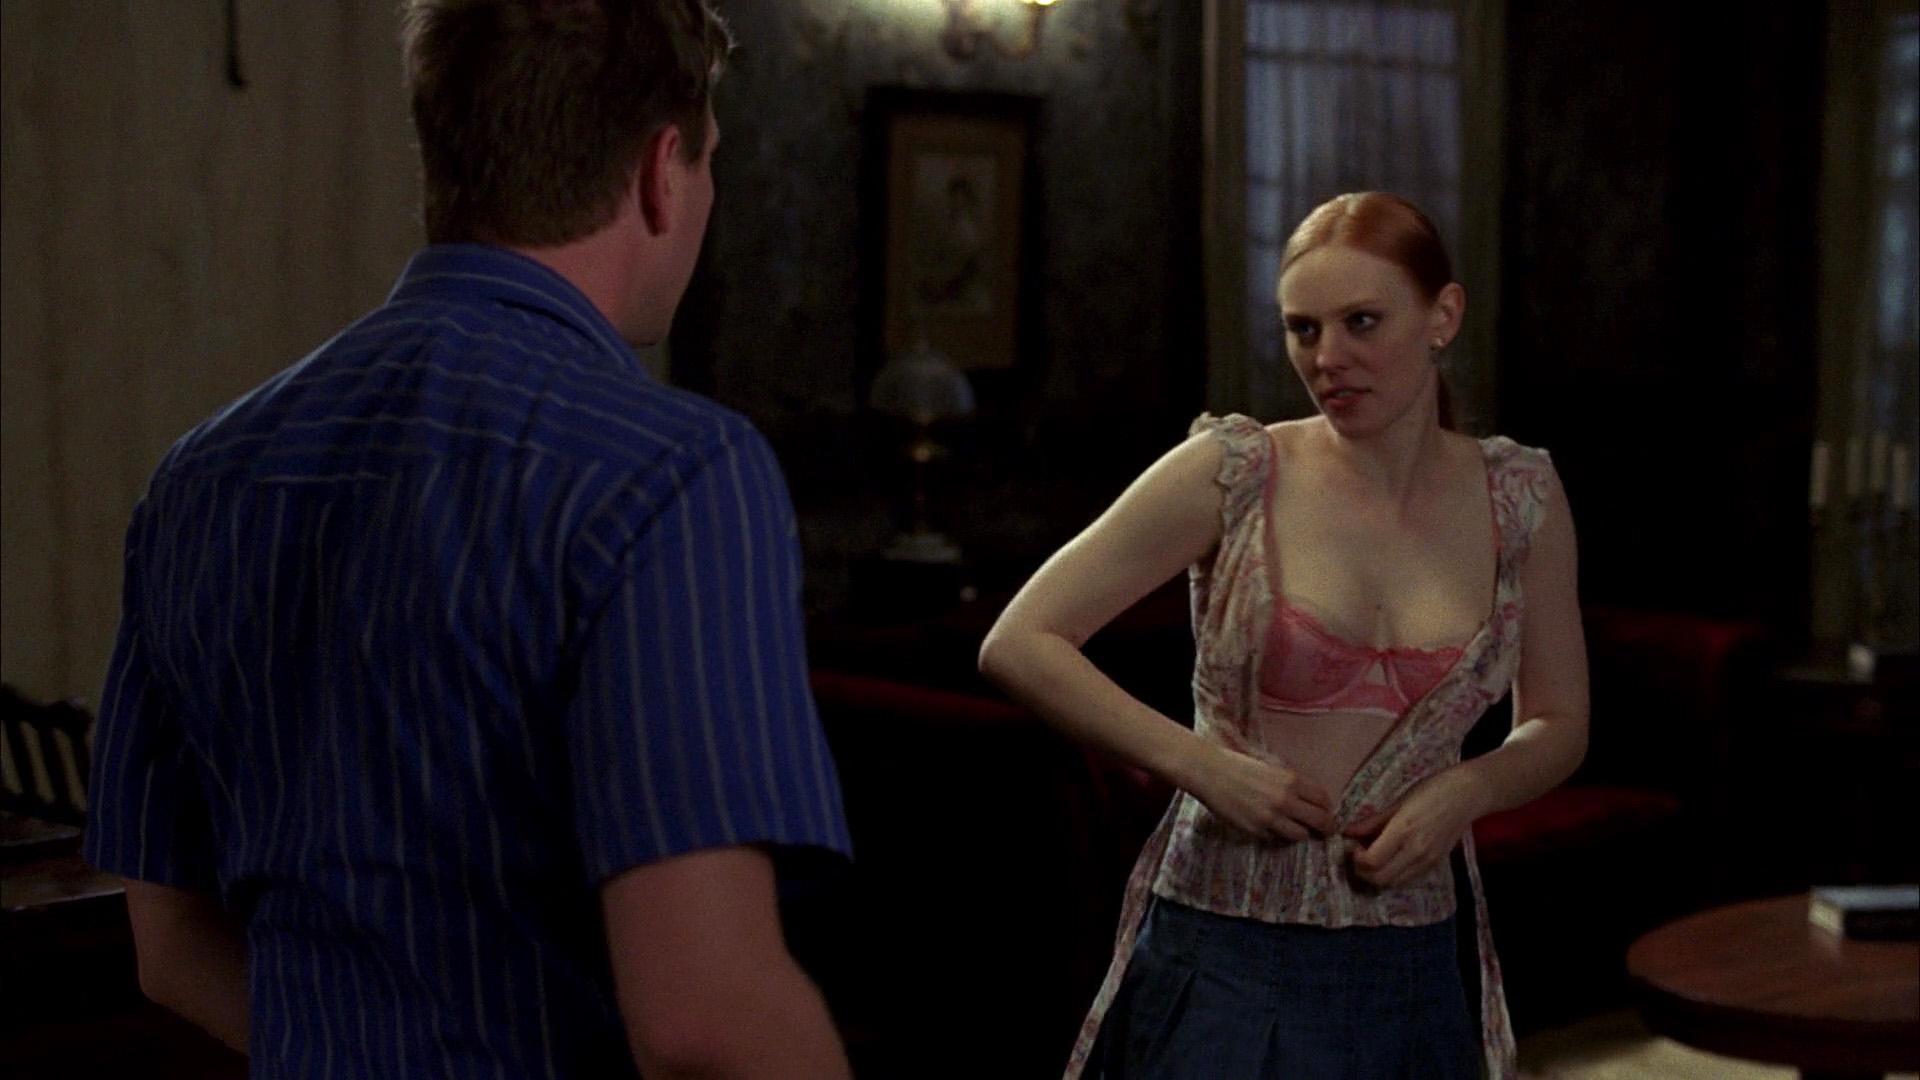 Sarah vandella bukkake